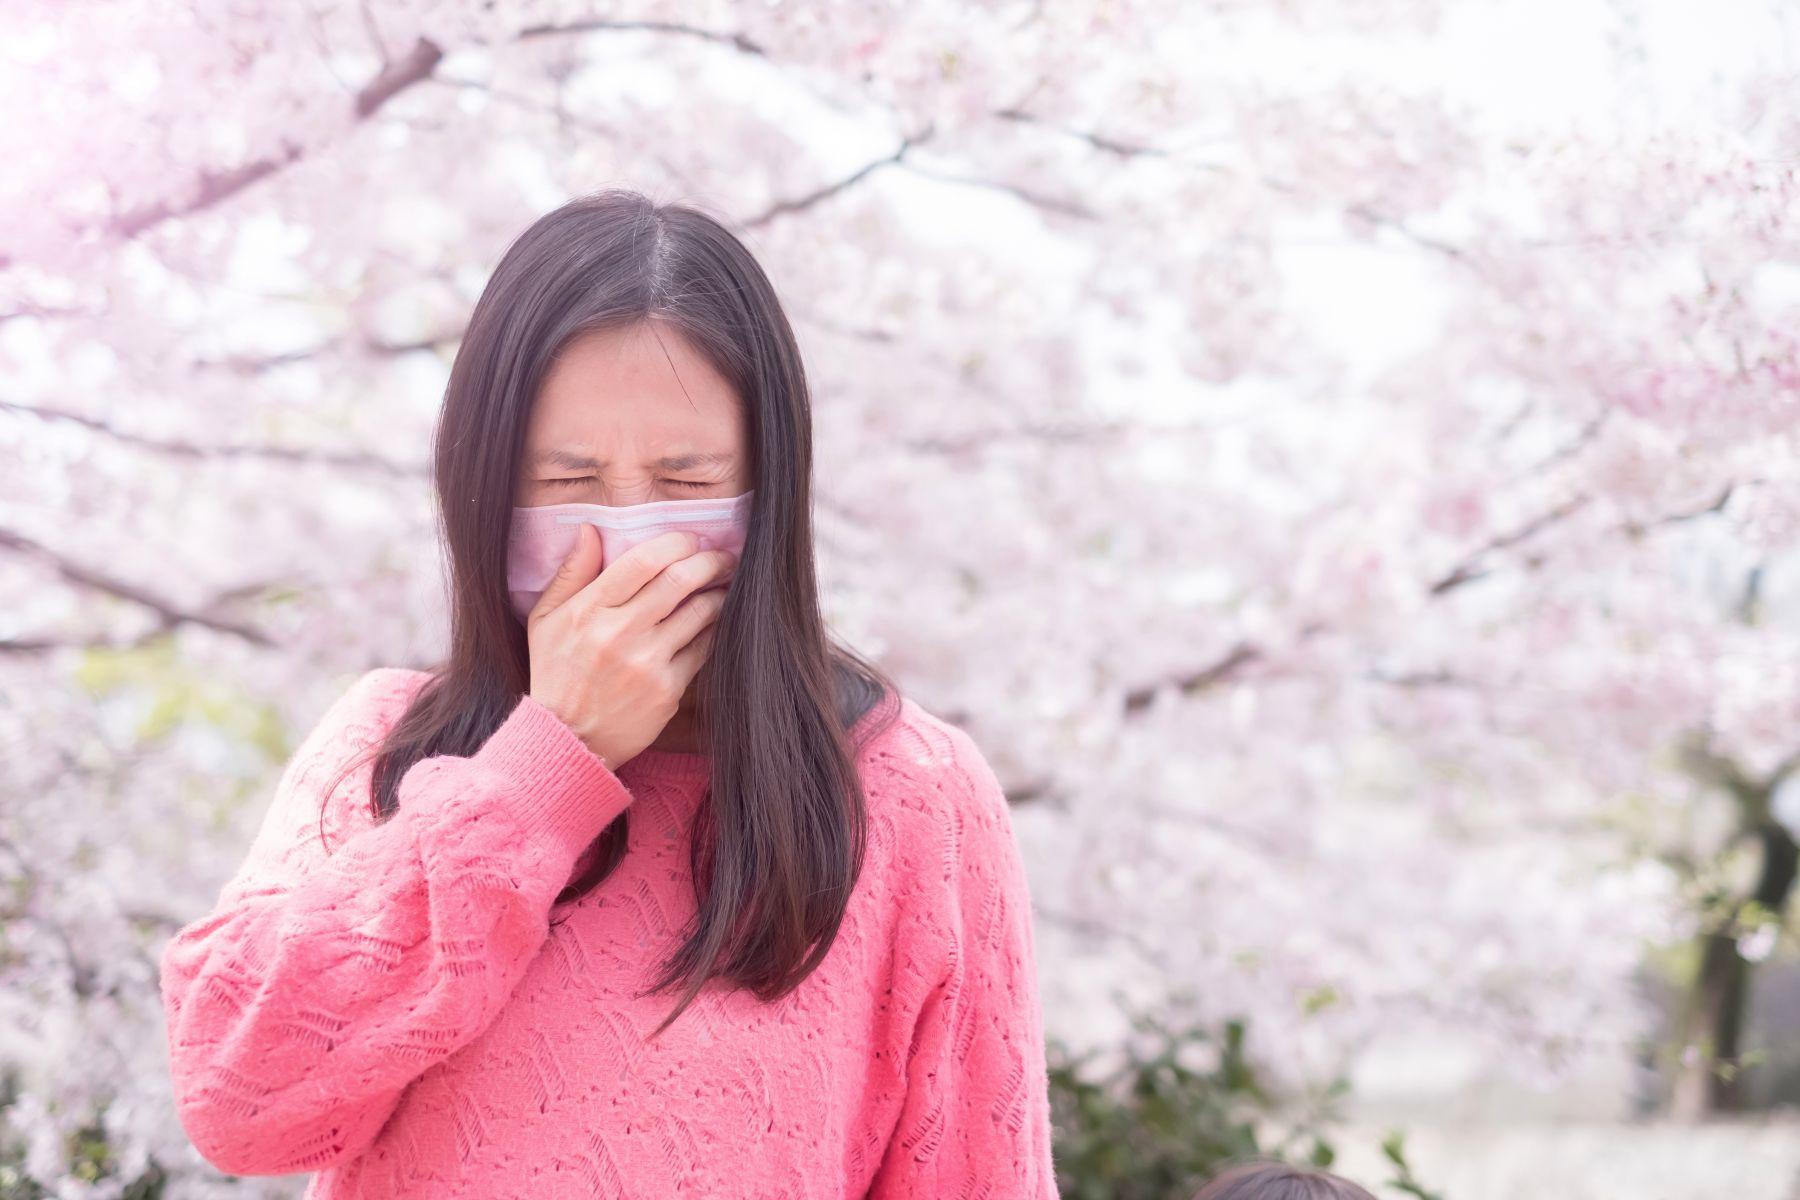 武漢肺炎症狀》感冒可能是冠狀病毒引起?醫師:除了發燒、頭痛、拉肚子...這4大前兆也千萬要注意!